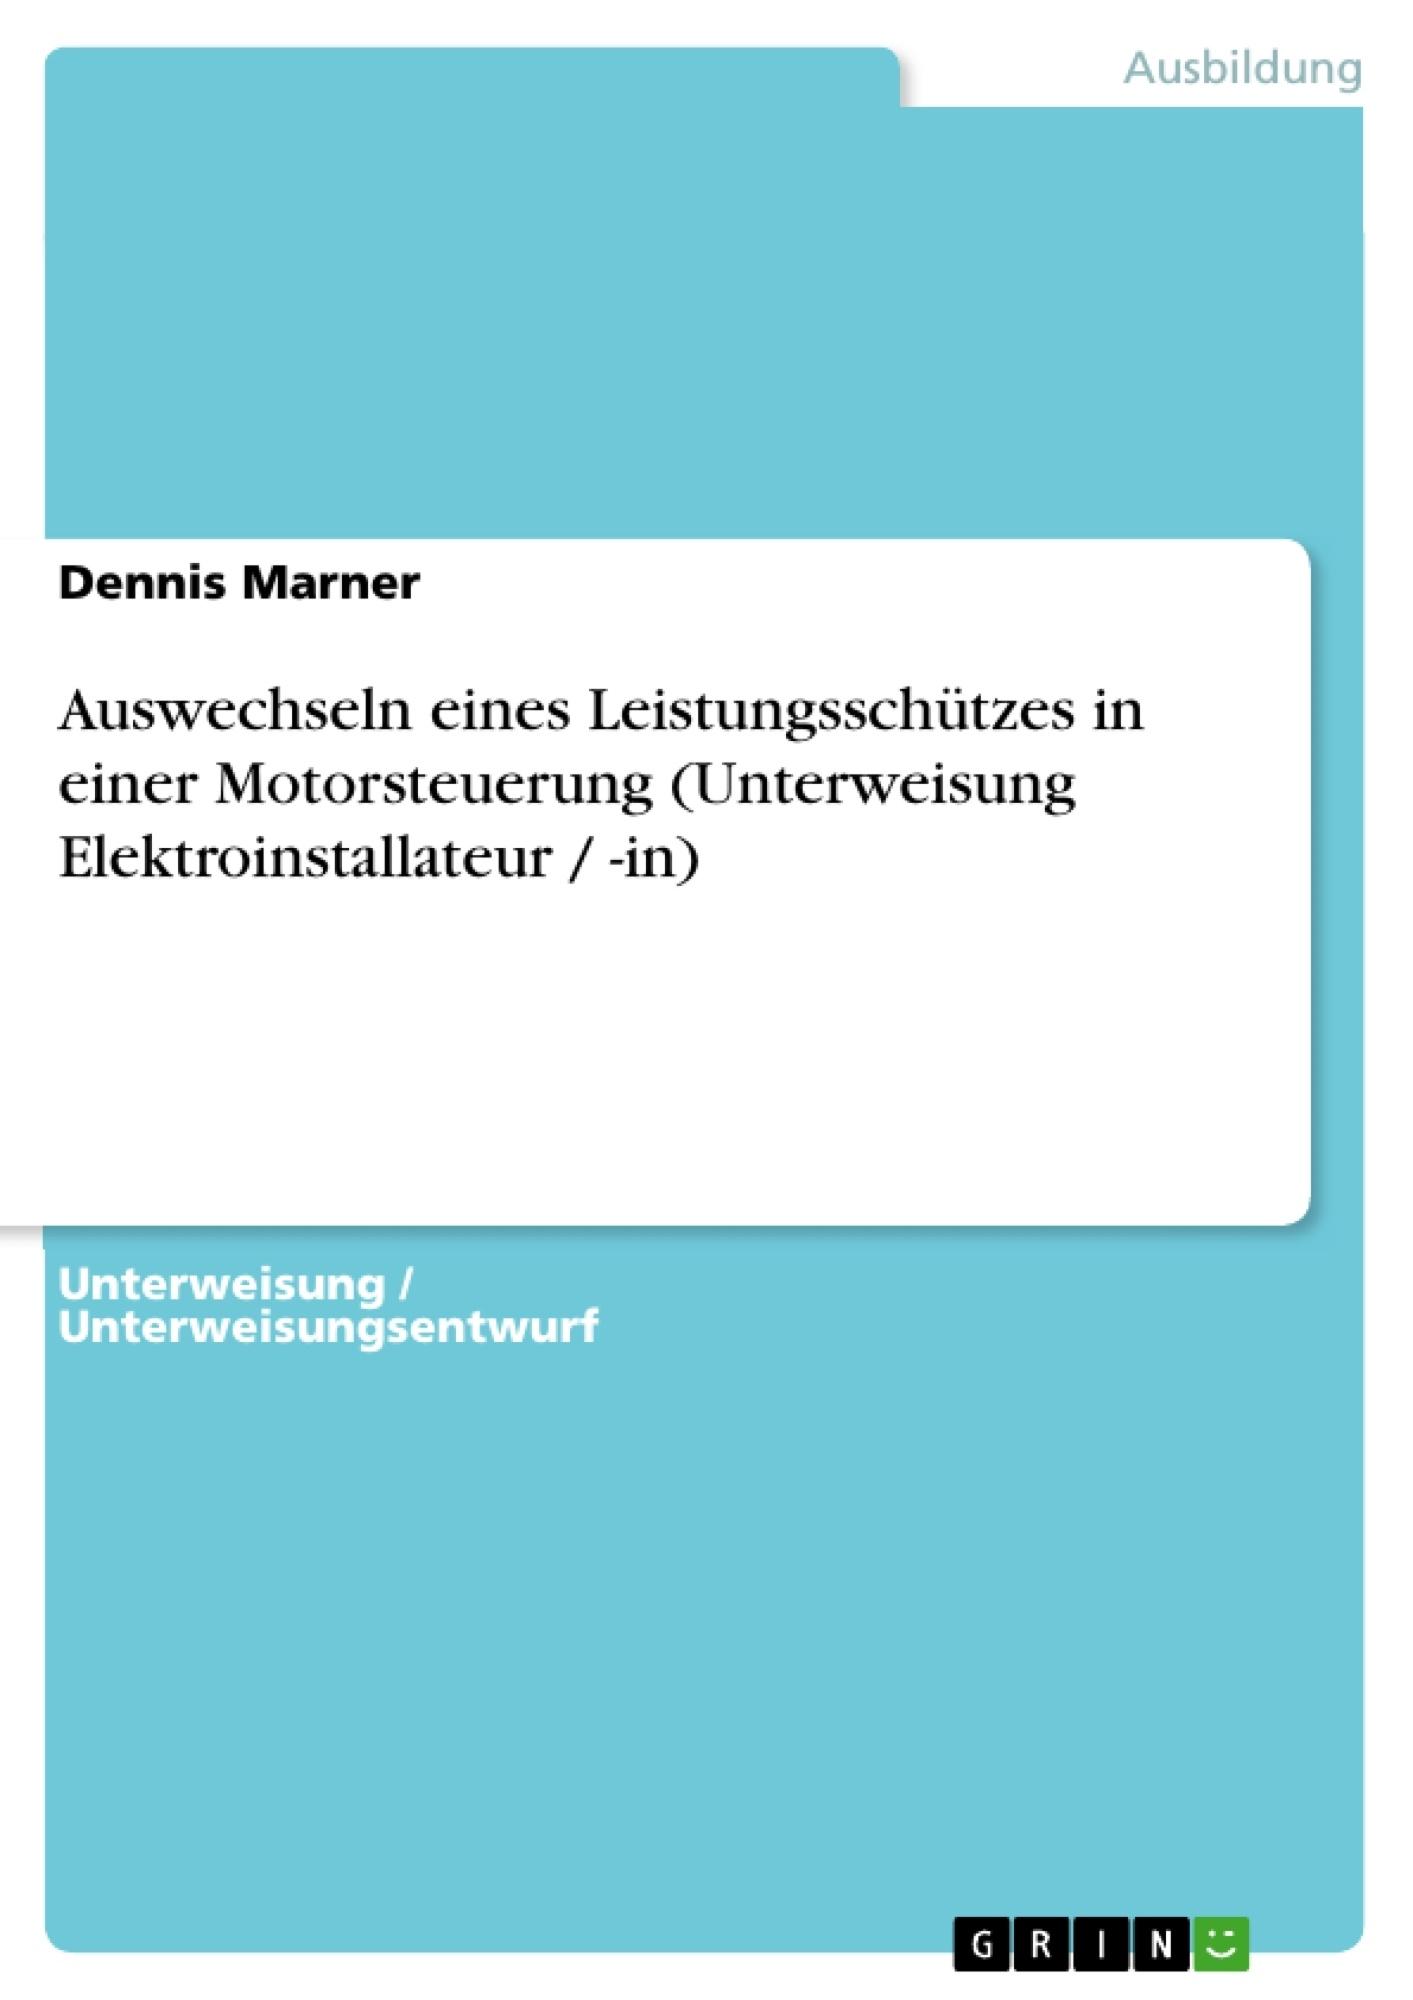 Titel: Auswechseln eines Leistungsschützes in einer Motorsteuerung (Unterweisung Elektroinstallateur / -in)